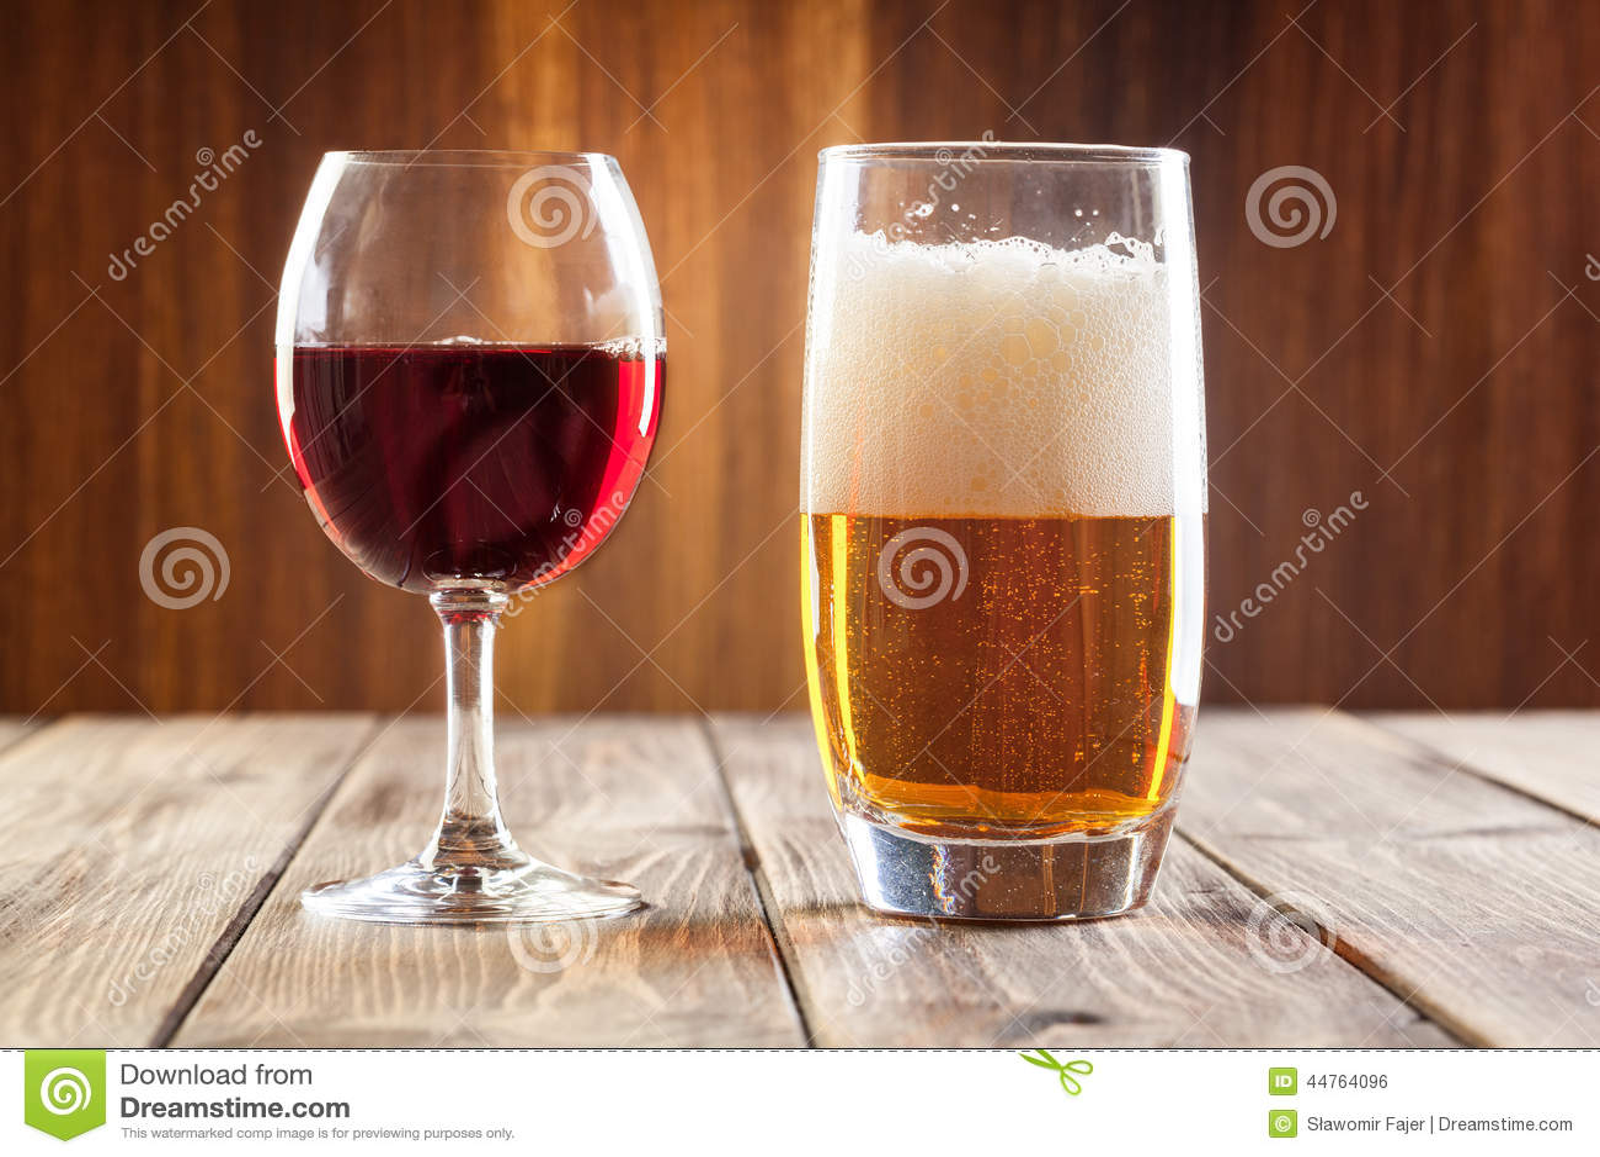 Vidro de vinho e vidro da cerveja clara